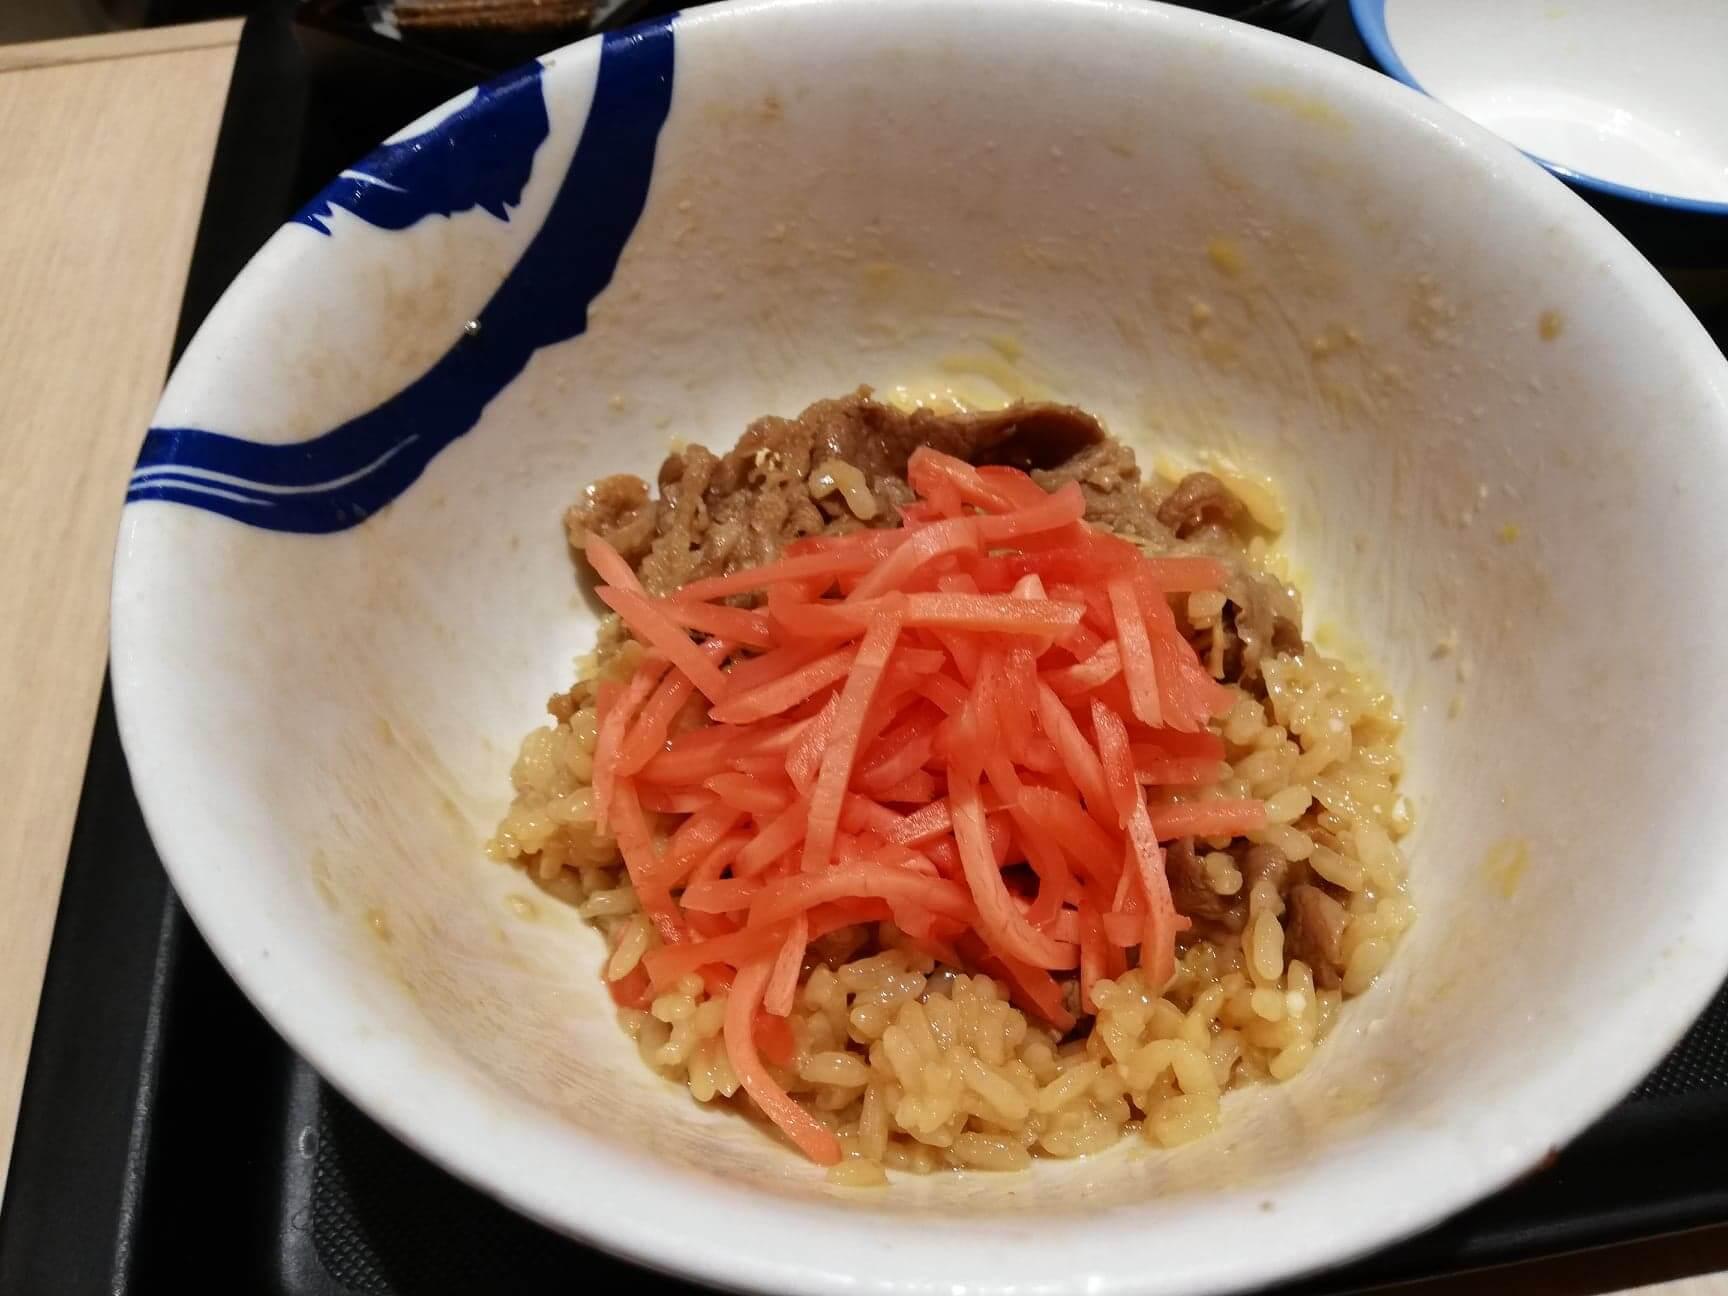 松屋の牛丼に紅生姜を乗せた写真